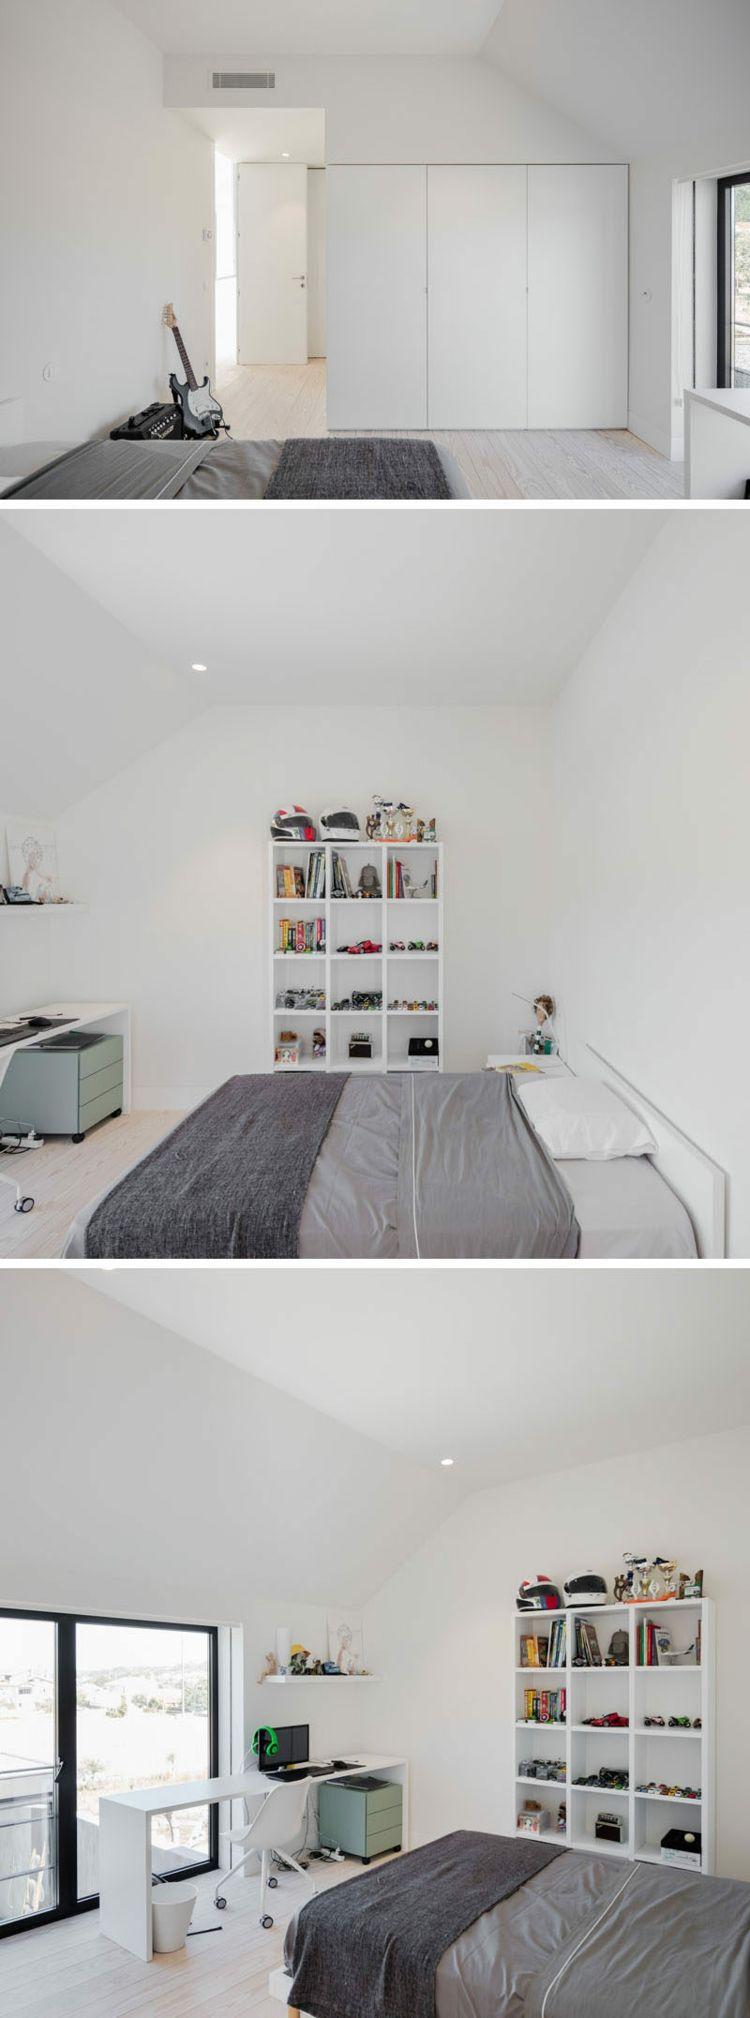 GroBartig Kinderzimmer Schlafzimmer Bett Schreibtisch Regal